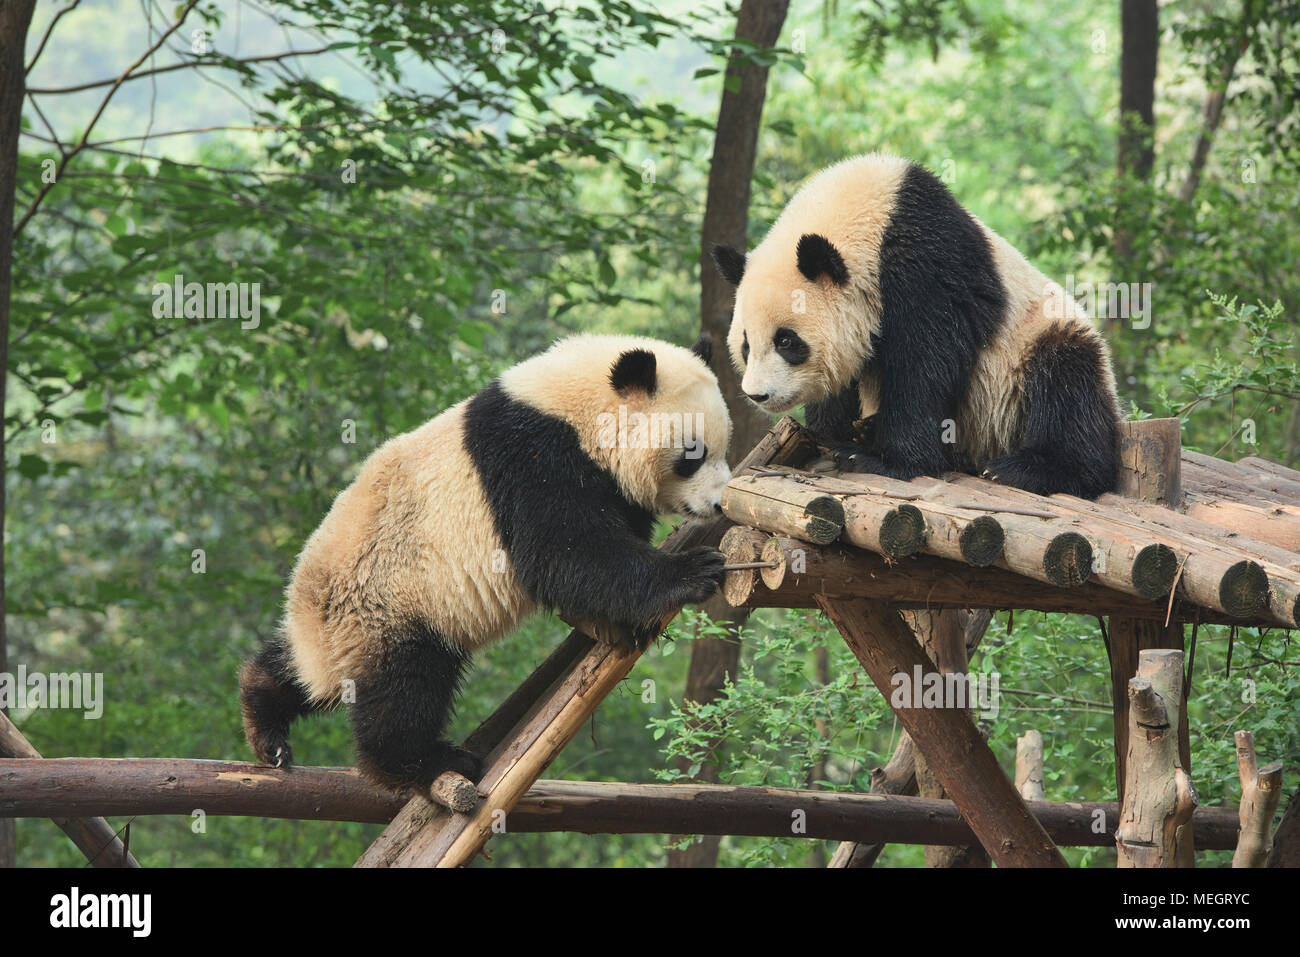 Pandas Gigantes en la base de investigación Chengdu de cría de pandas gigantes de Chengdu, Sichuan, China Imagen De Stock